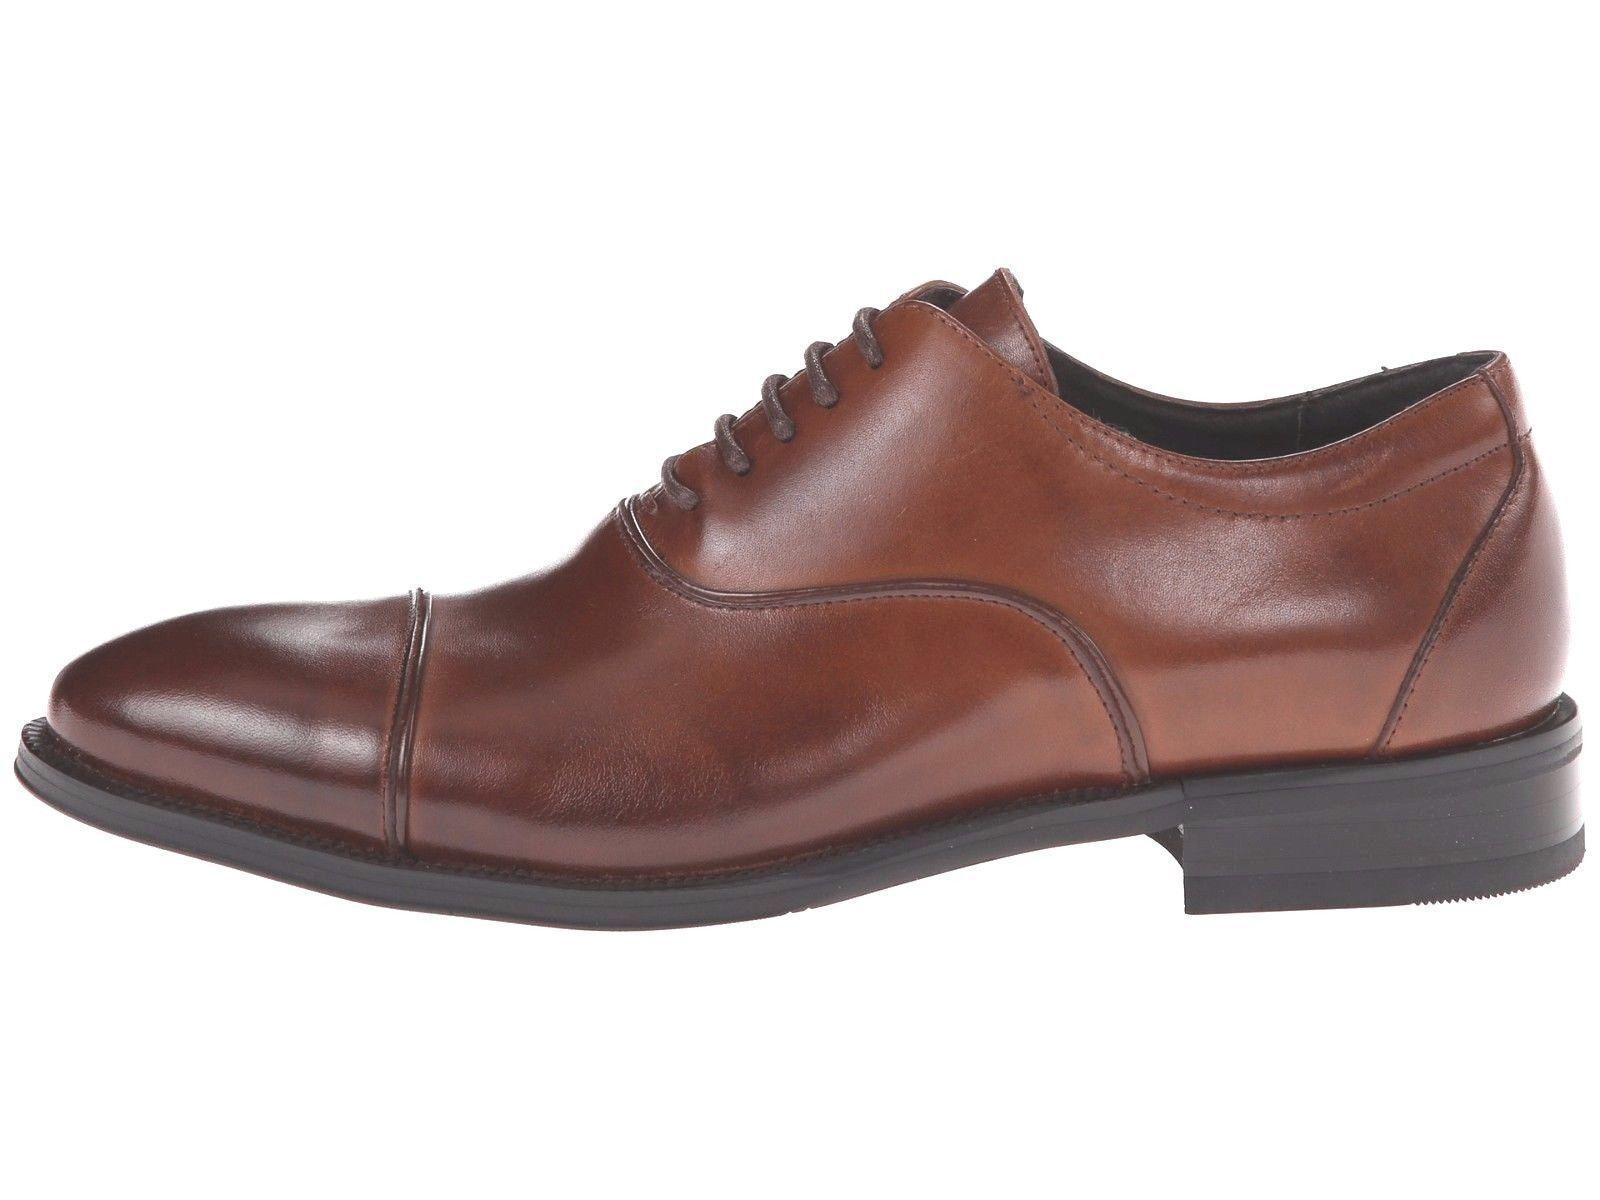 migliori prezzi e stili più freschi Stacy Adams Kordell Cognac Uomo Uomo Uomo Leather Oxford 24919-221  profitto zero